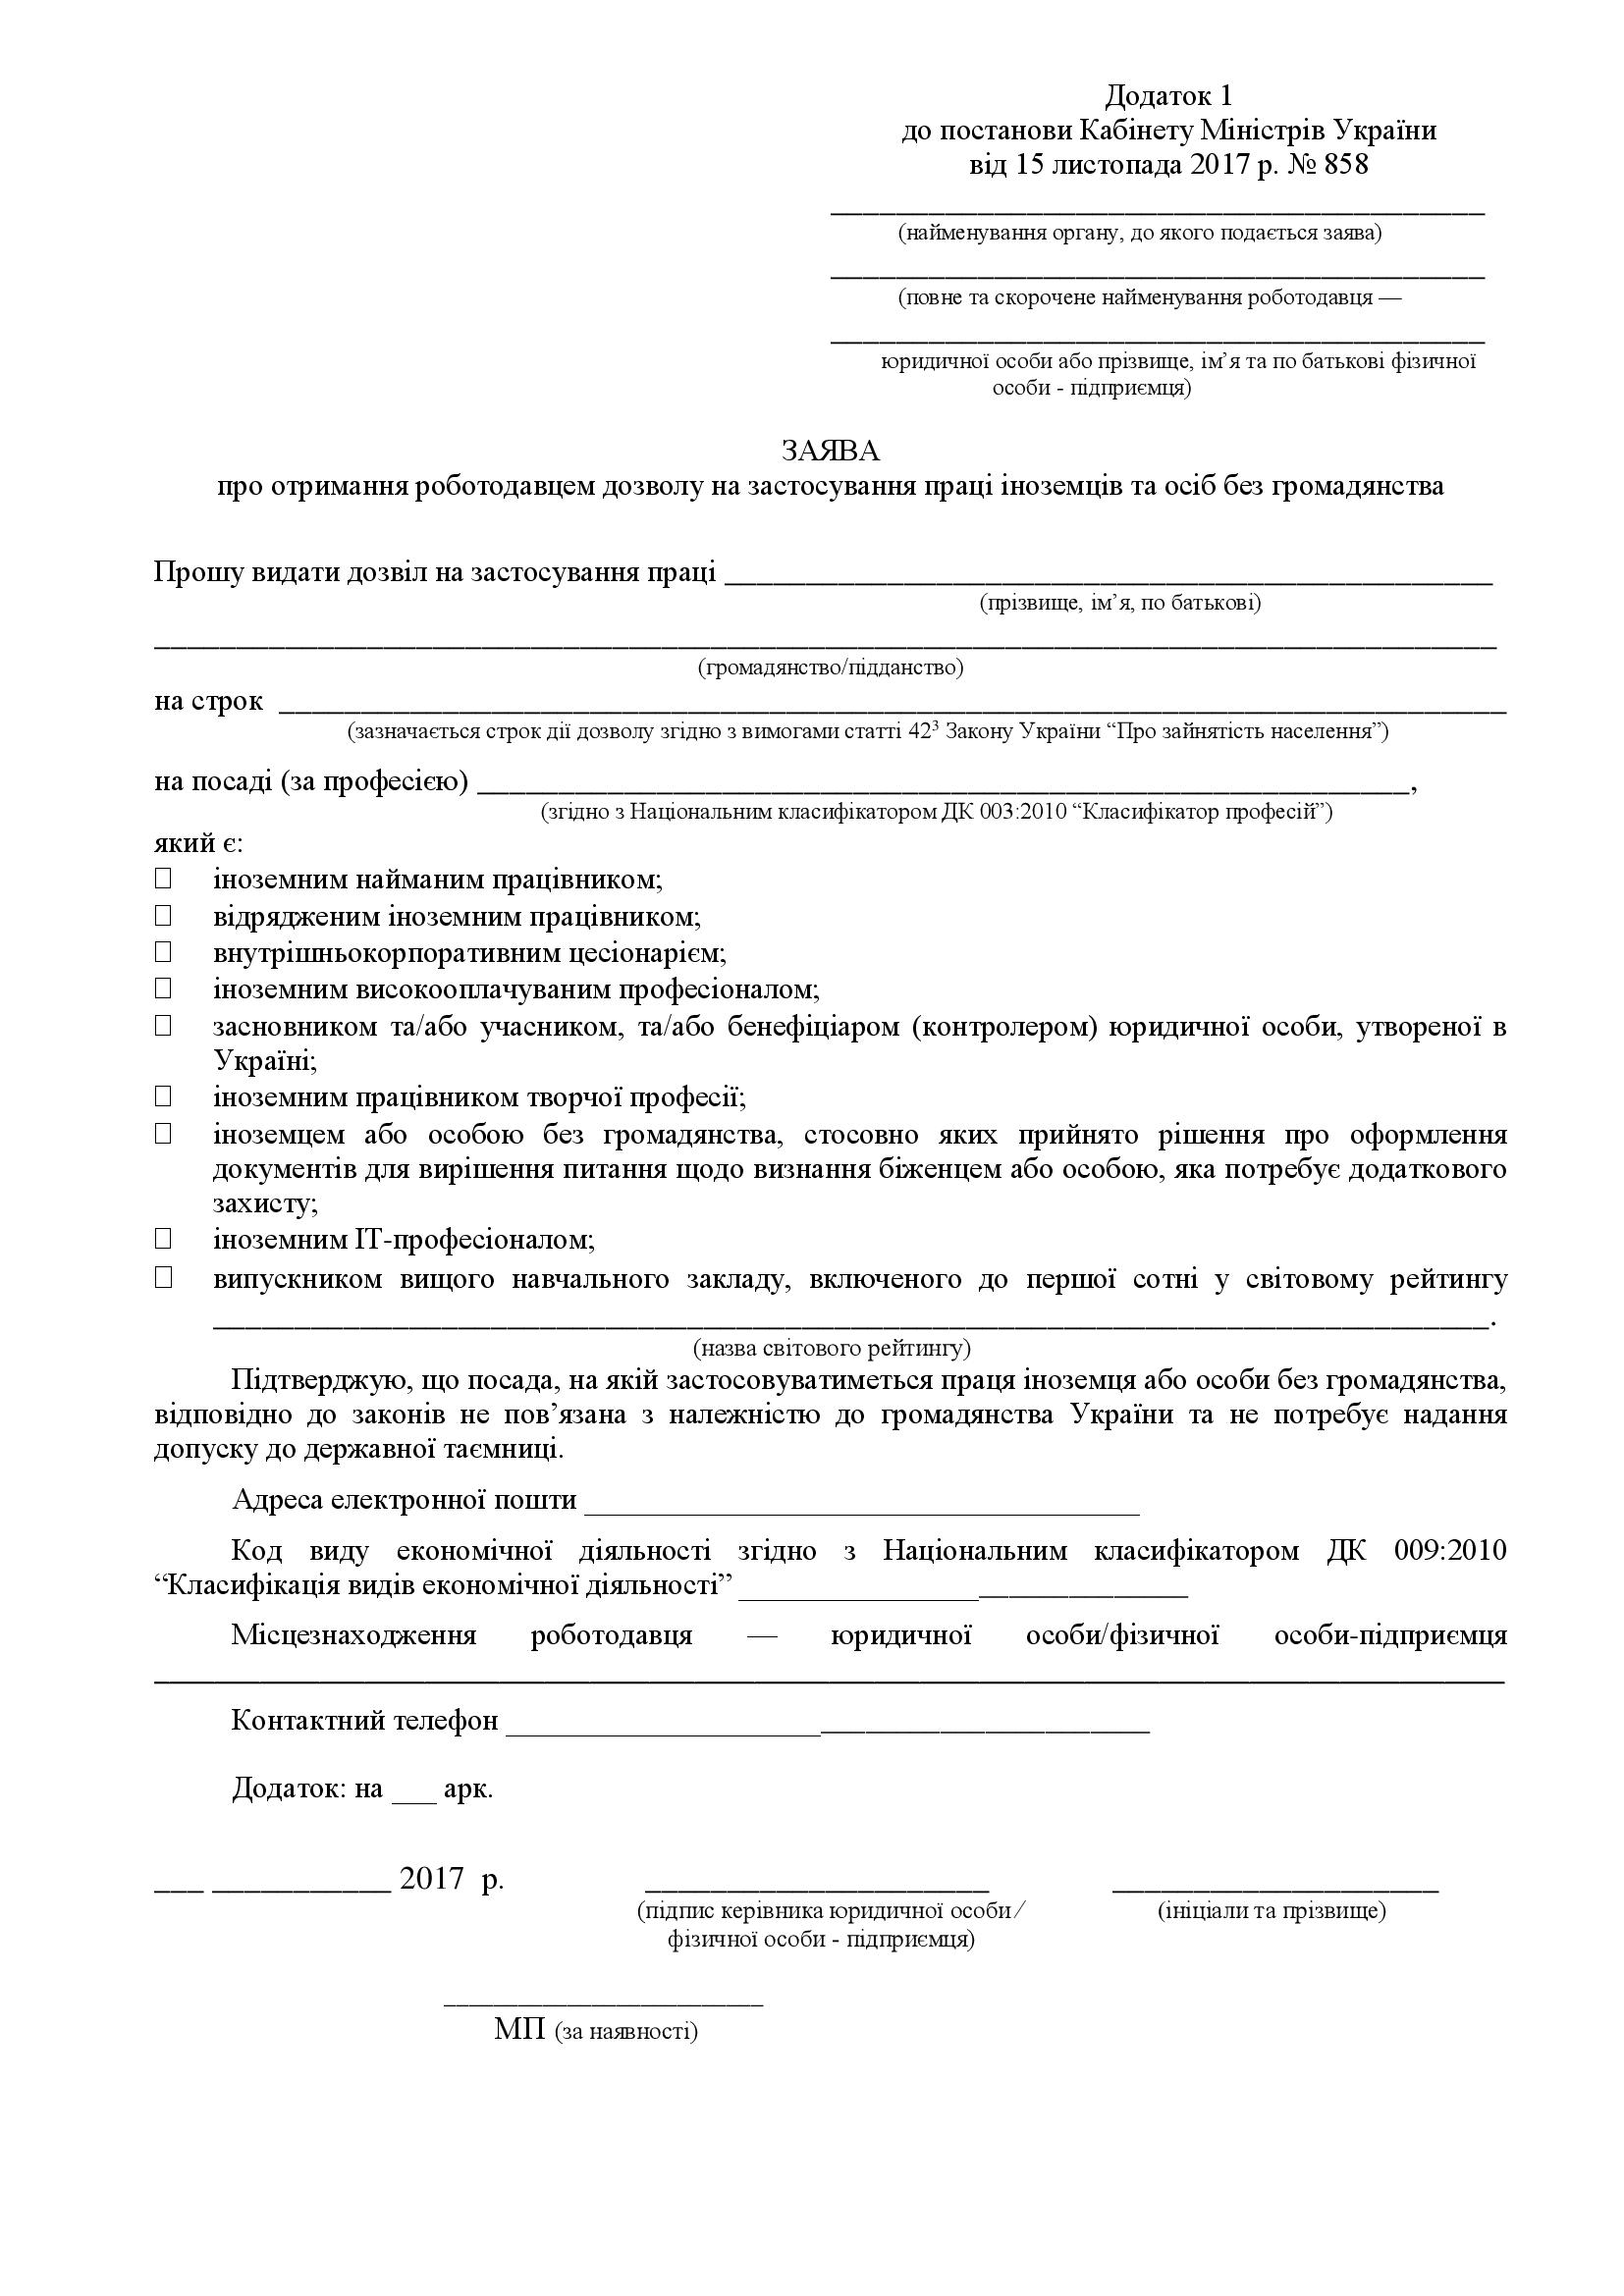 Образец заявления о получении работодателем разрешения на трудоустройство иностранца в Украине